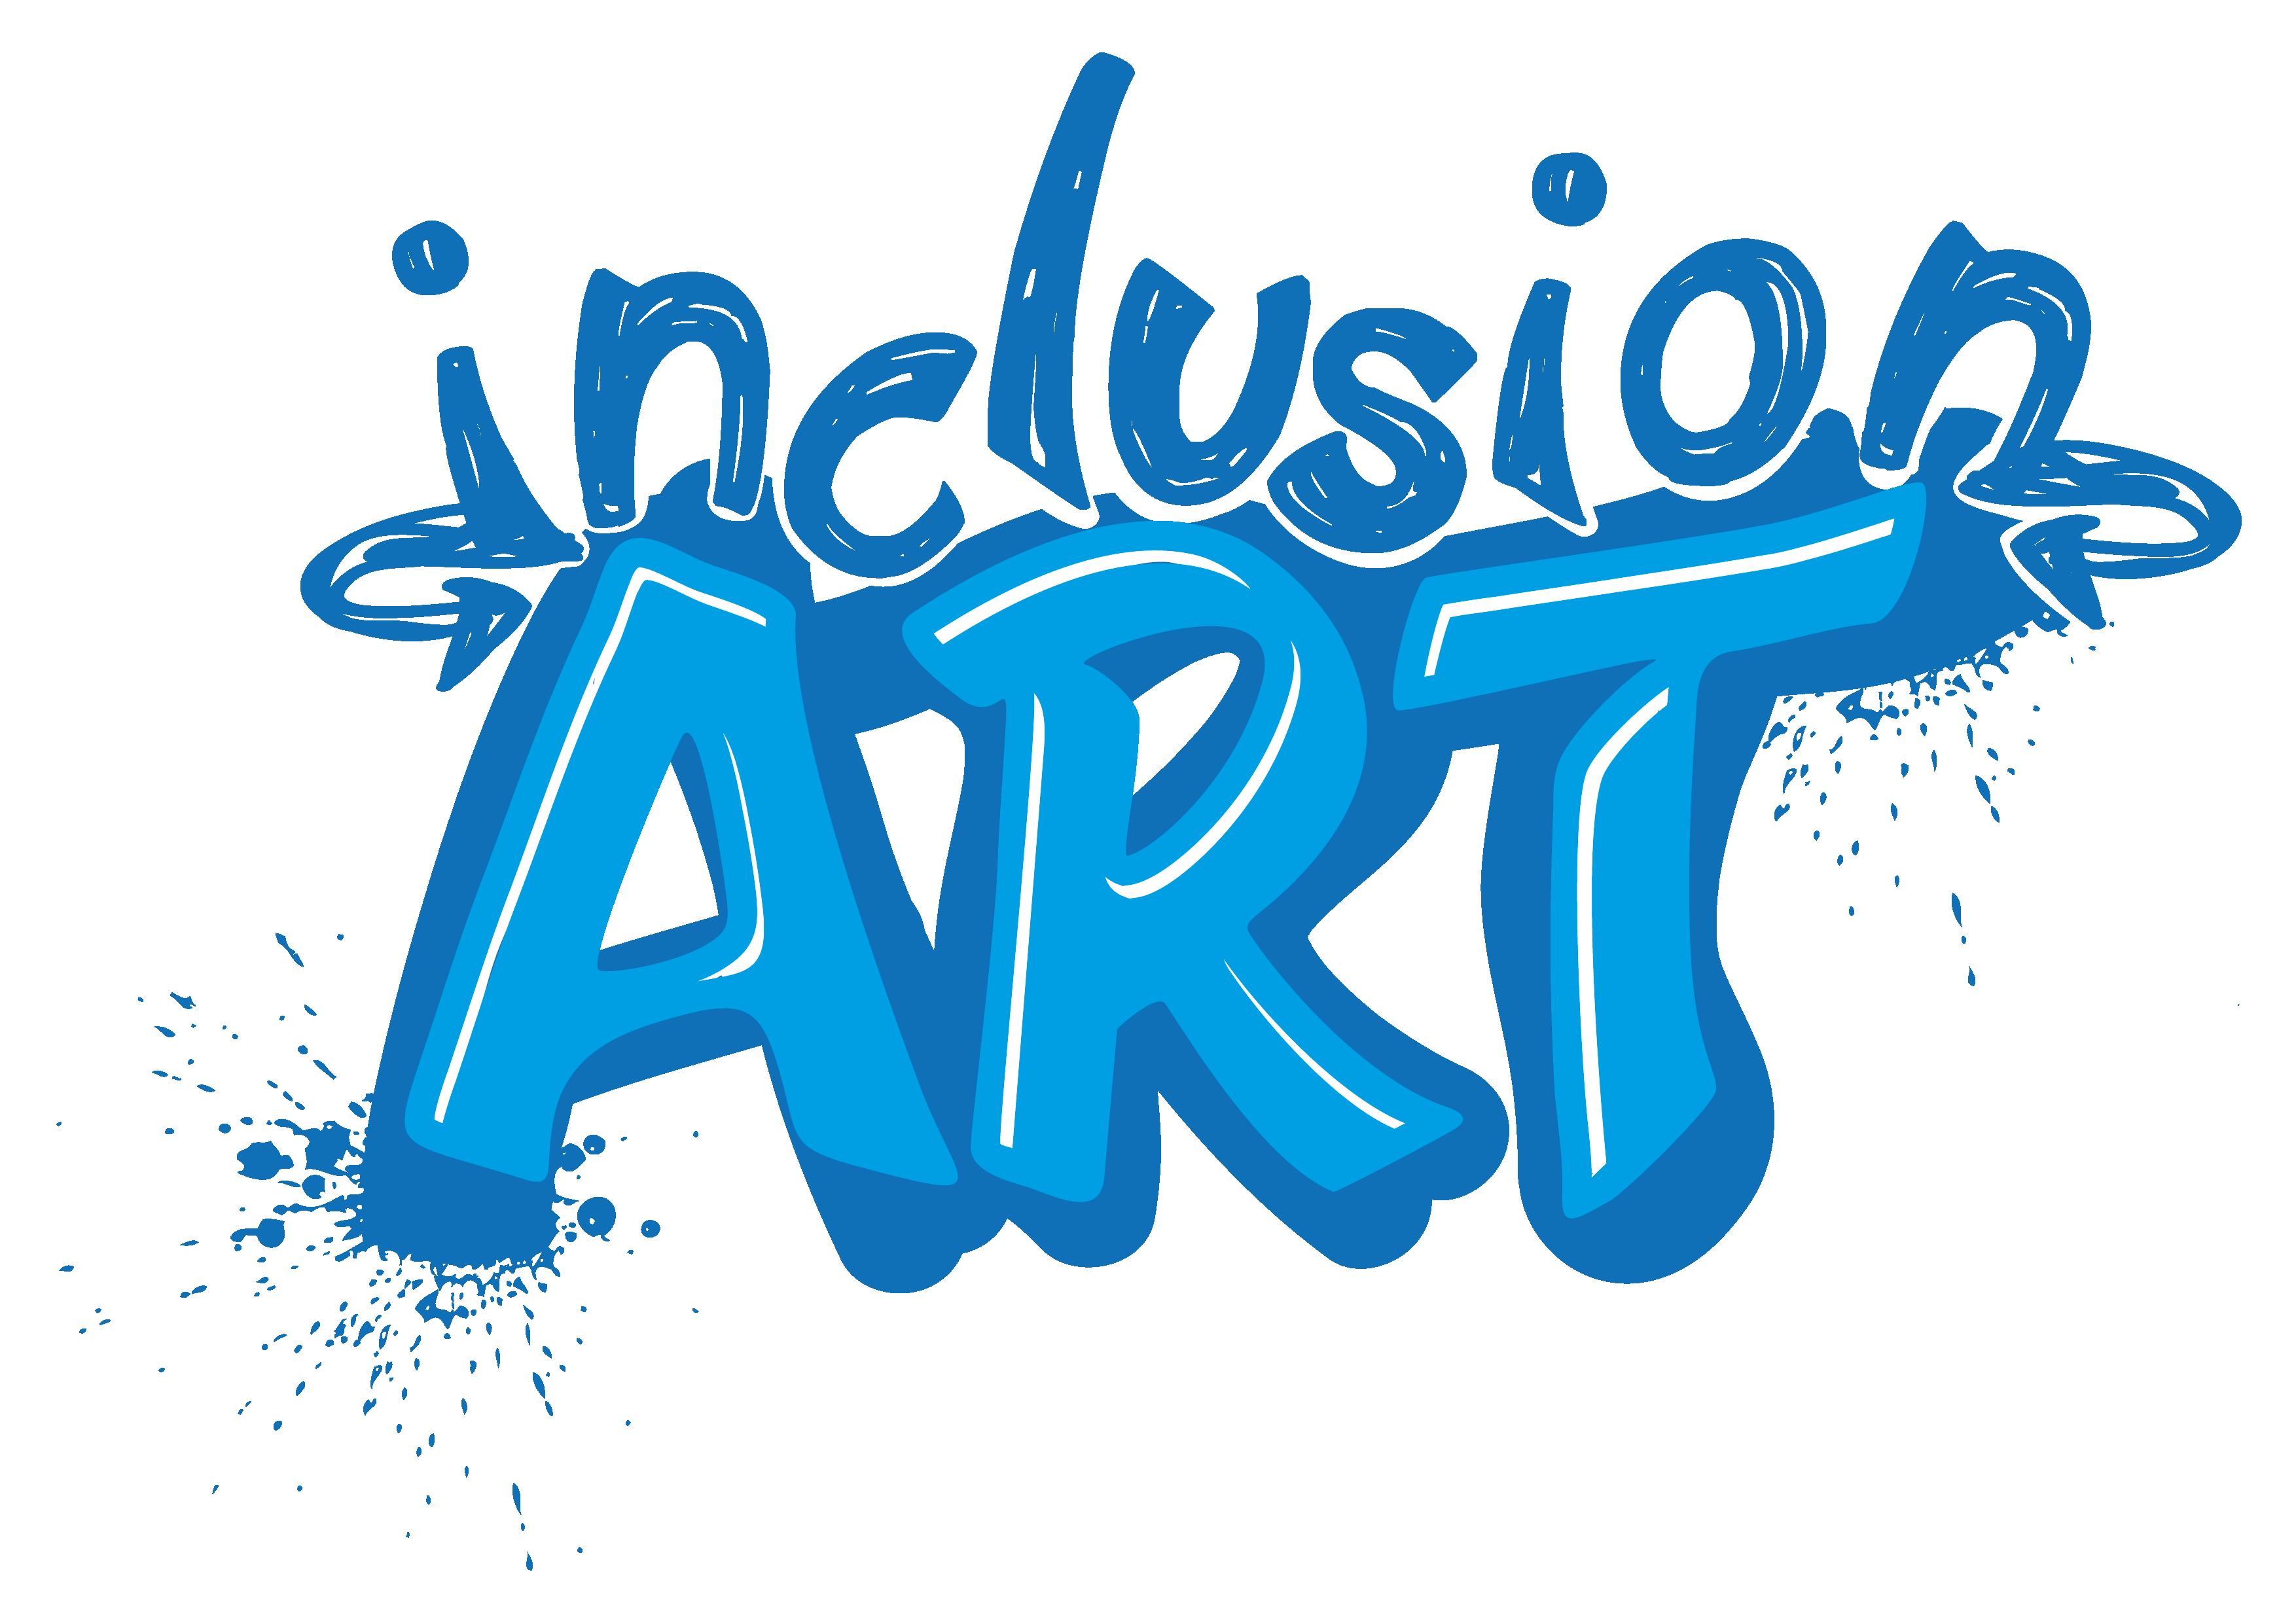 InclusionArt